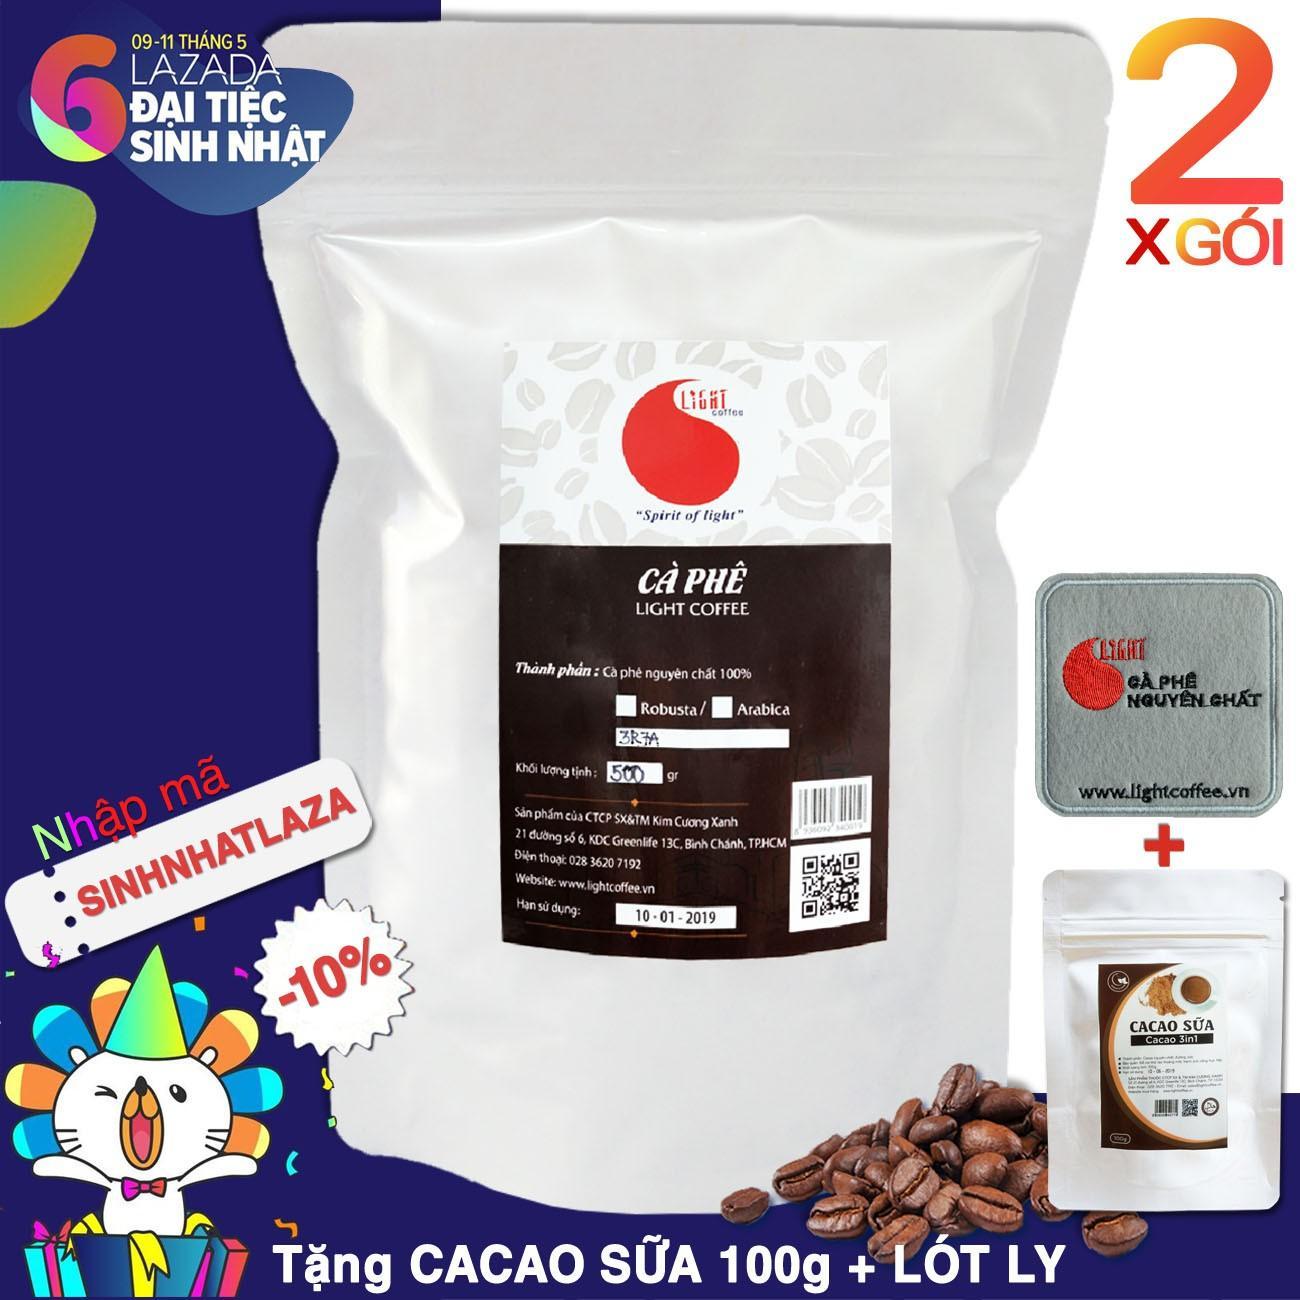 Ôn Tập 2 Goi 1Kg Ca Phe Nguyen Chất 100 Dạng Hạt Chua Thanh Dịu Dang Light Coffee